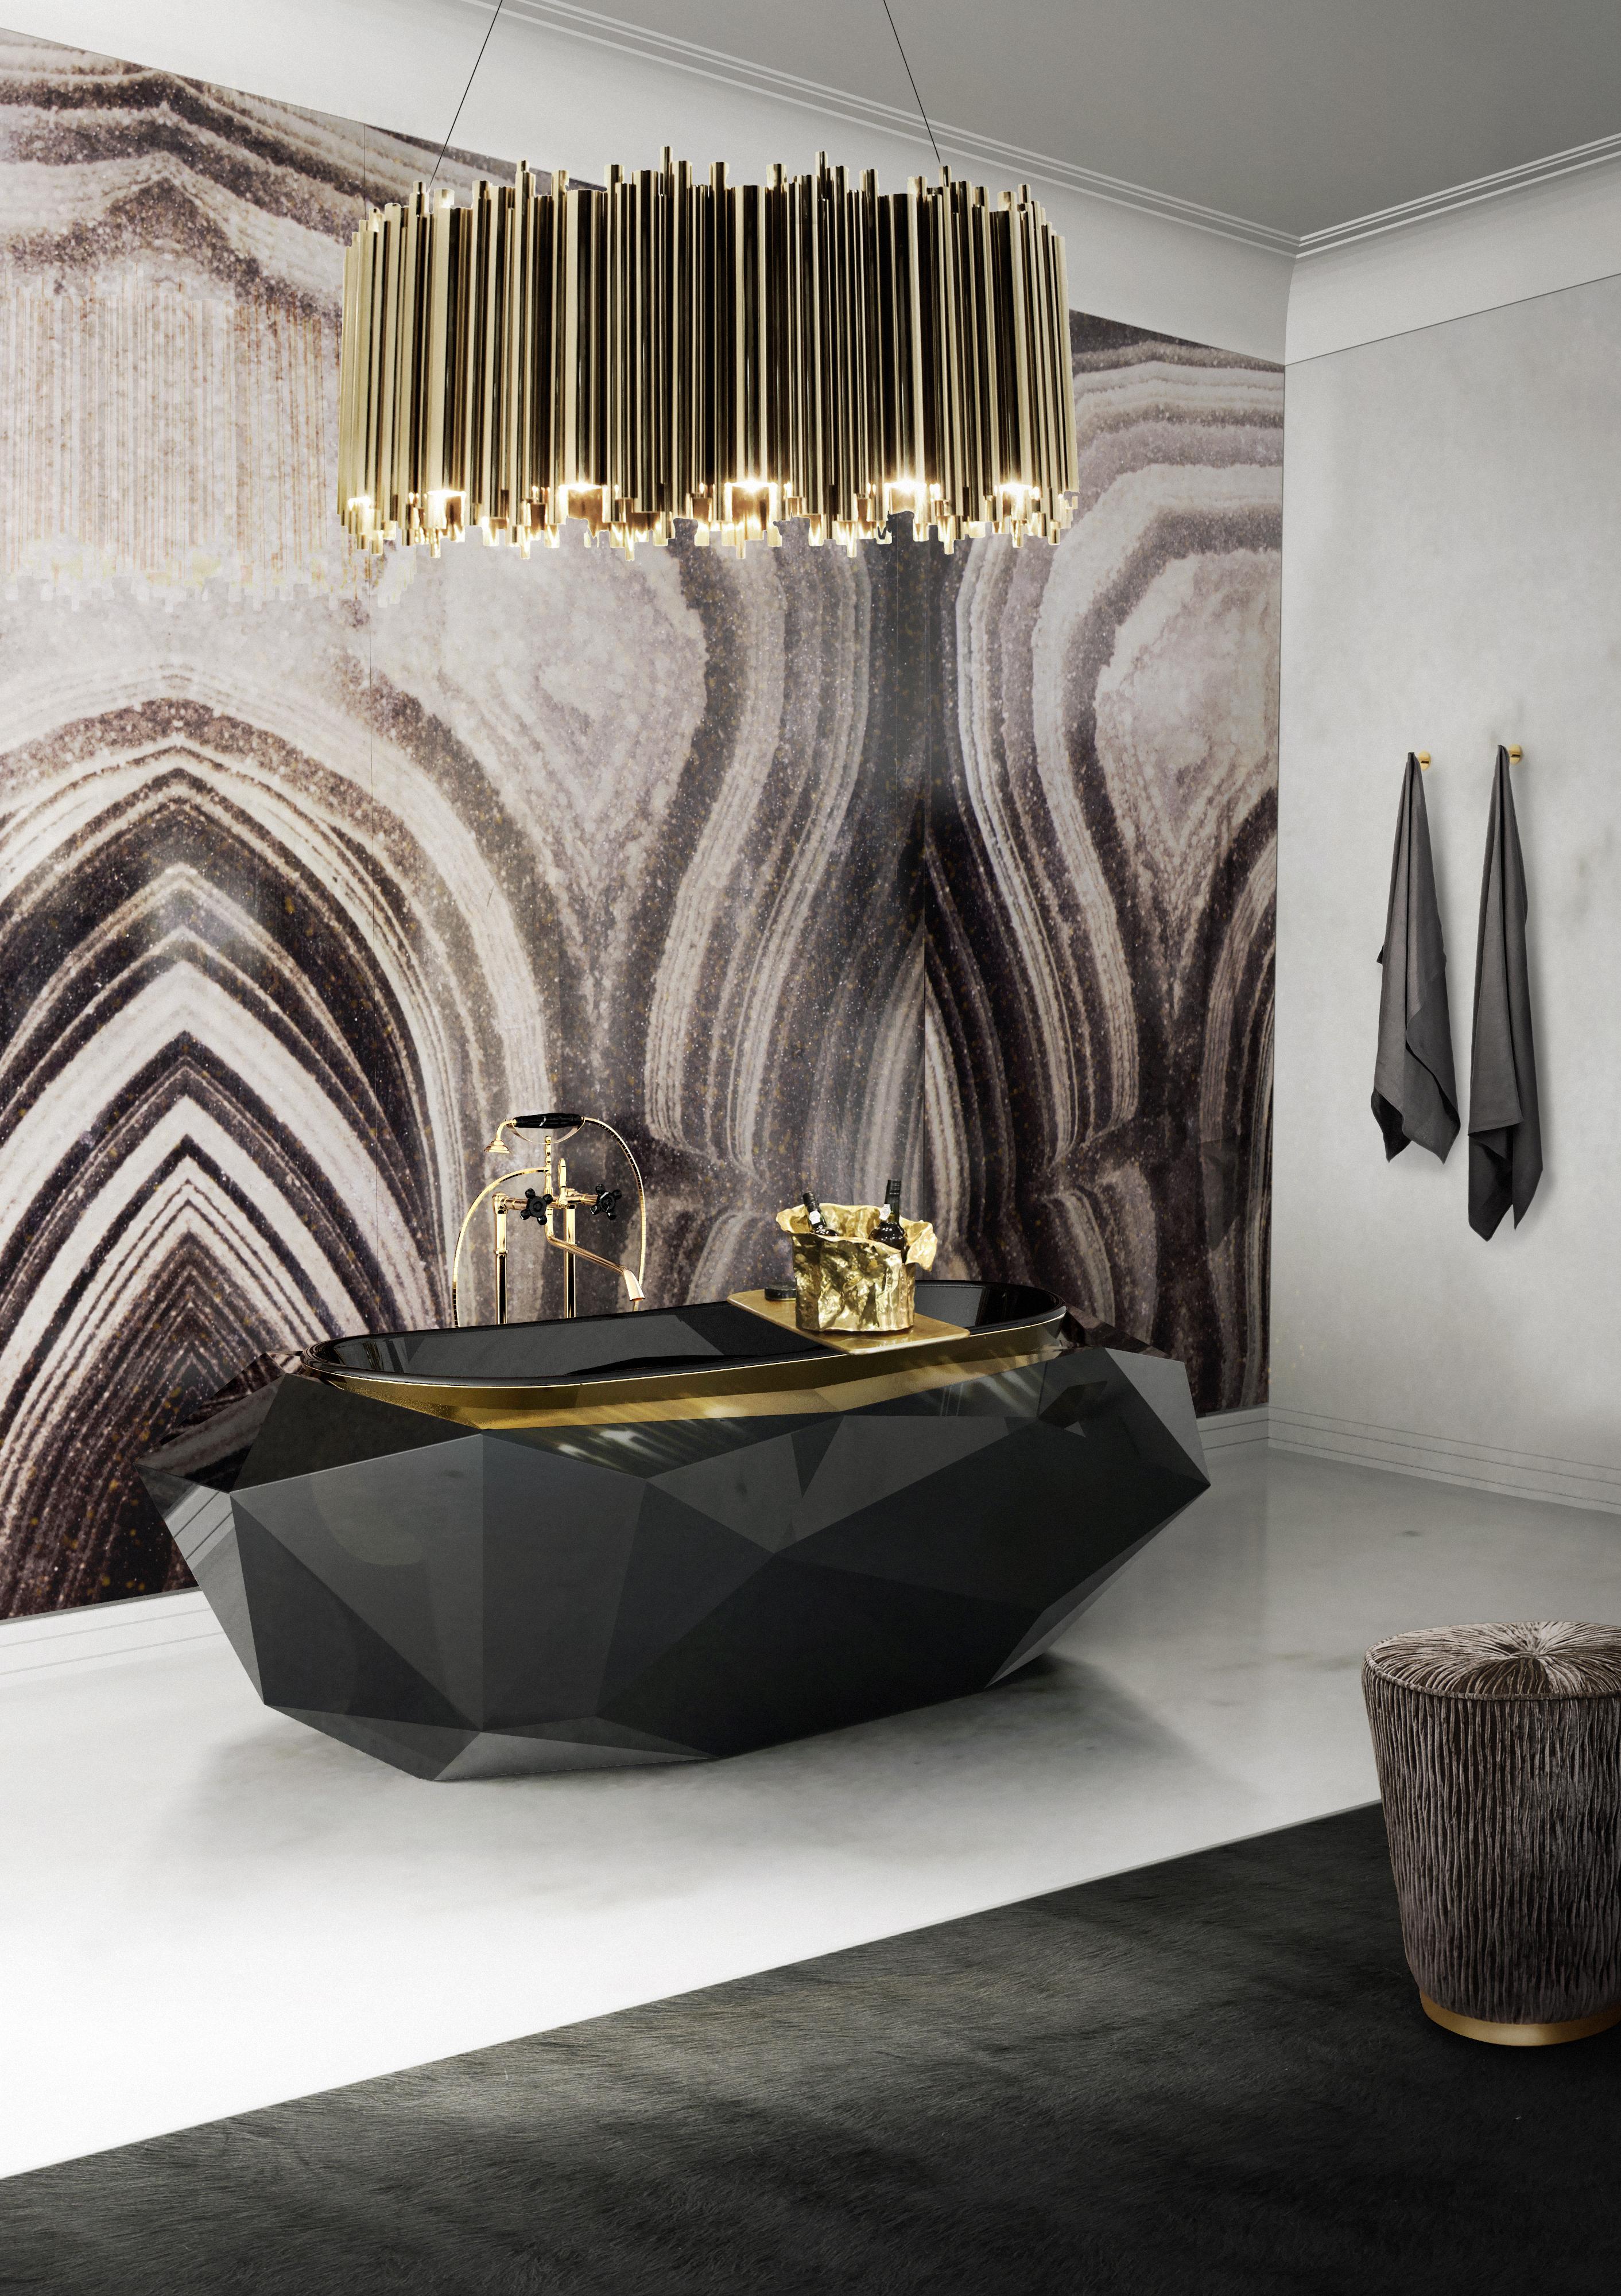 Роскошная ванная комната - 7 дизайнерских идей Роскошная ванная комната Роскошная ванная комната - 7 дизайнерских идей 9 diamond bathtub matheny suspension maison valentina HR